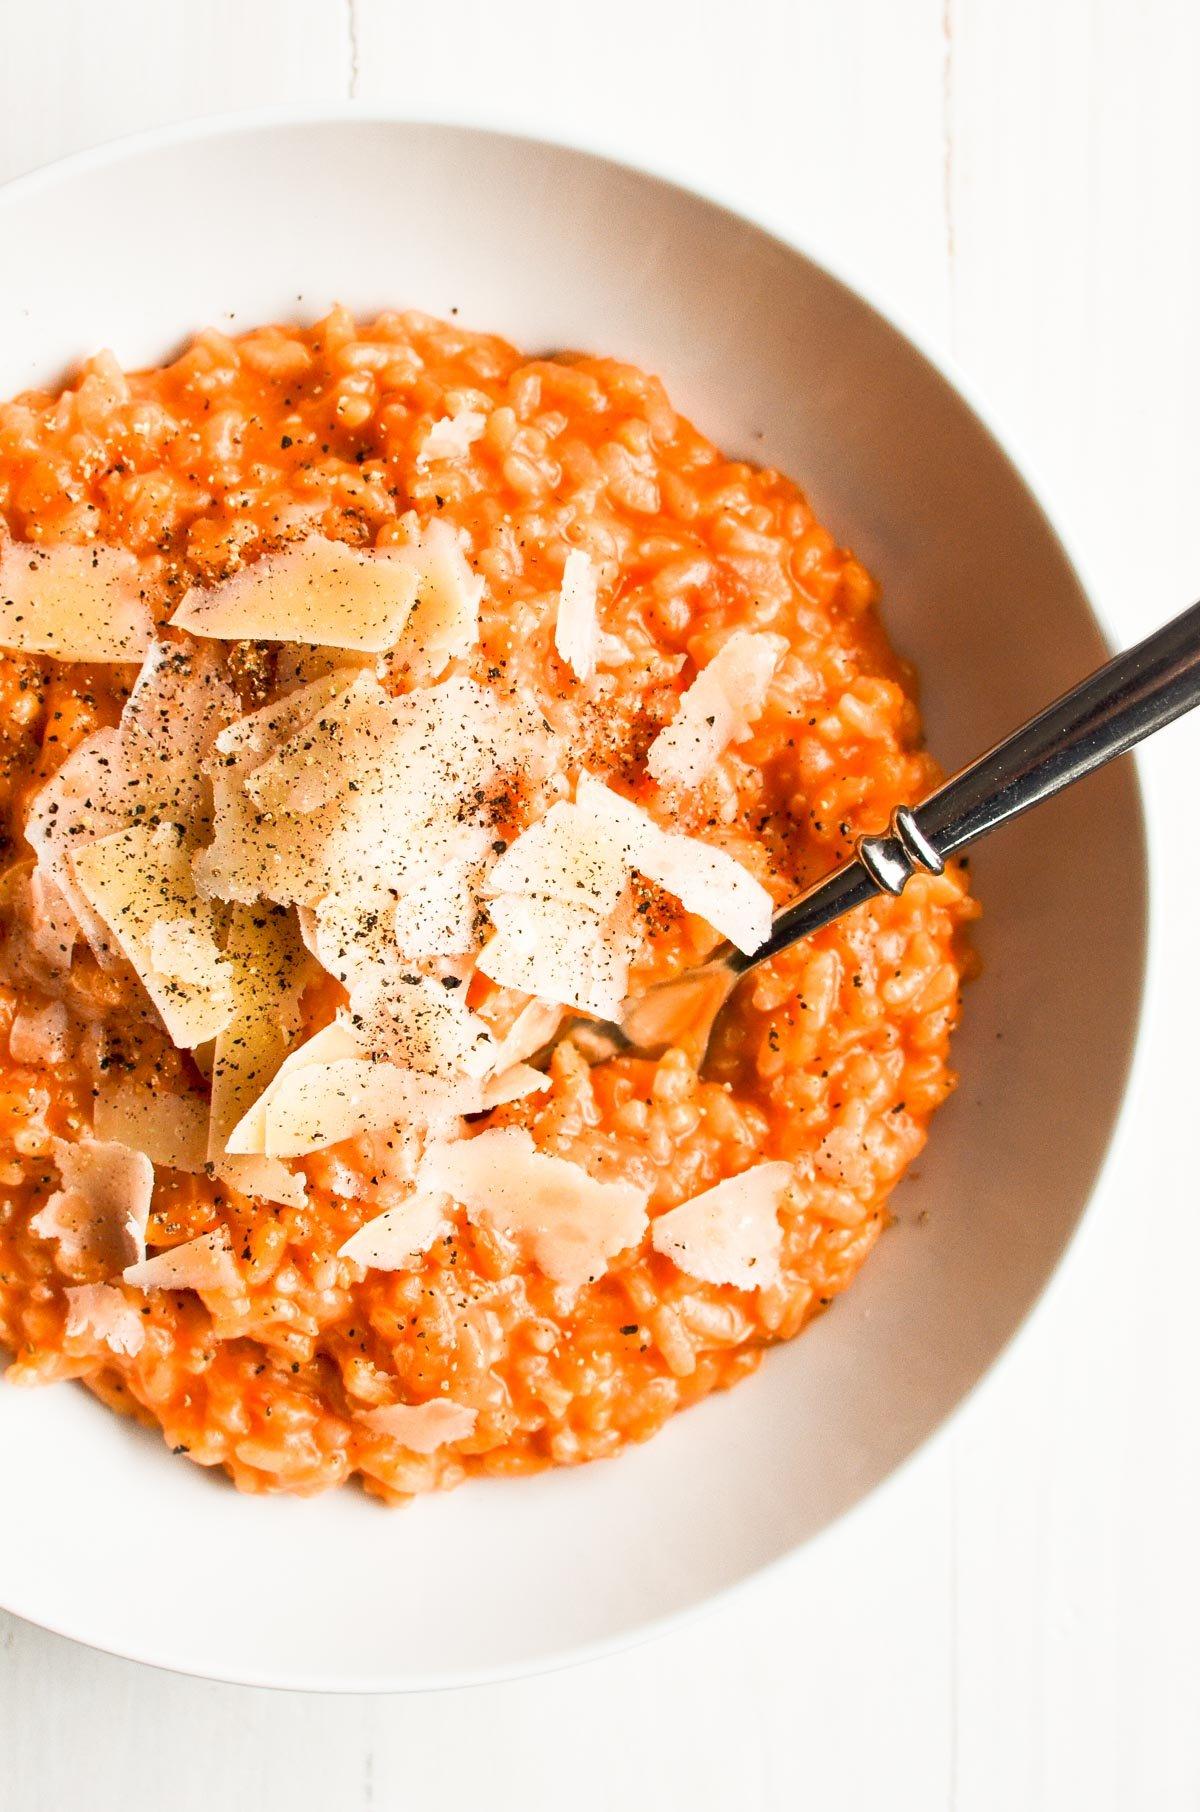 tomato risotto in a bowl